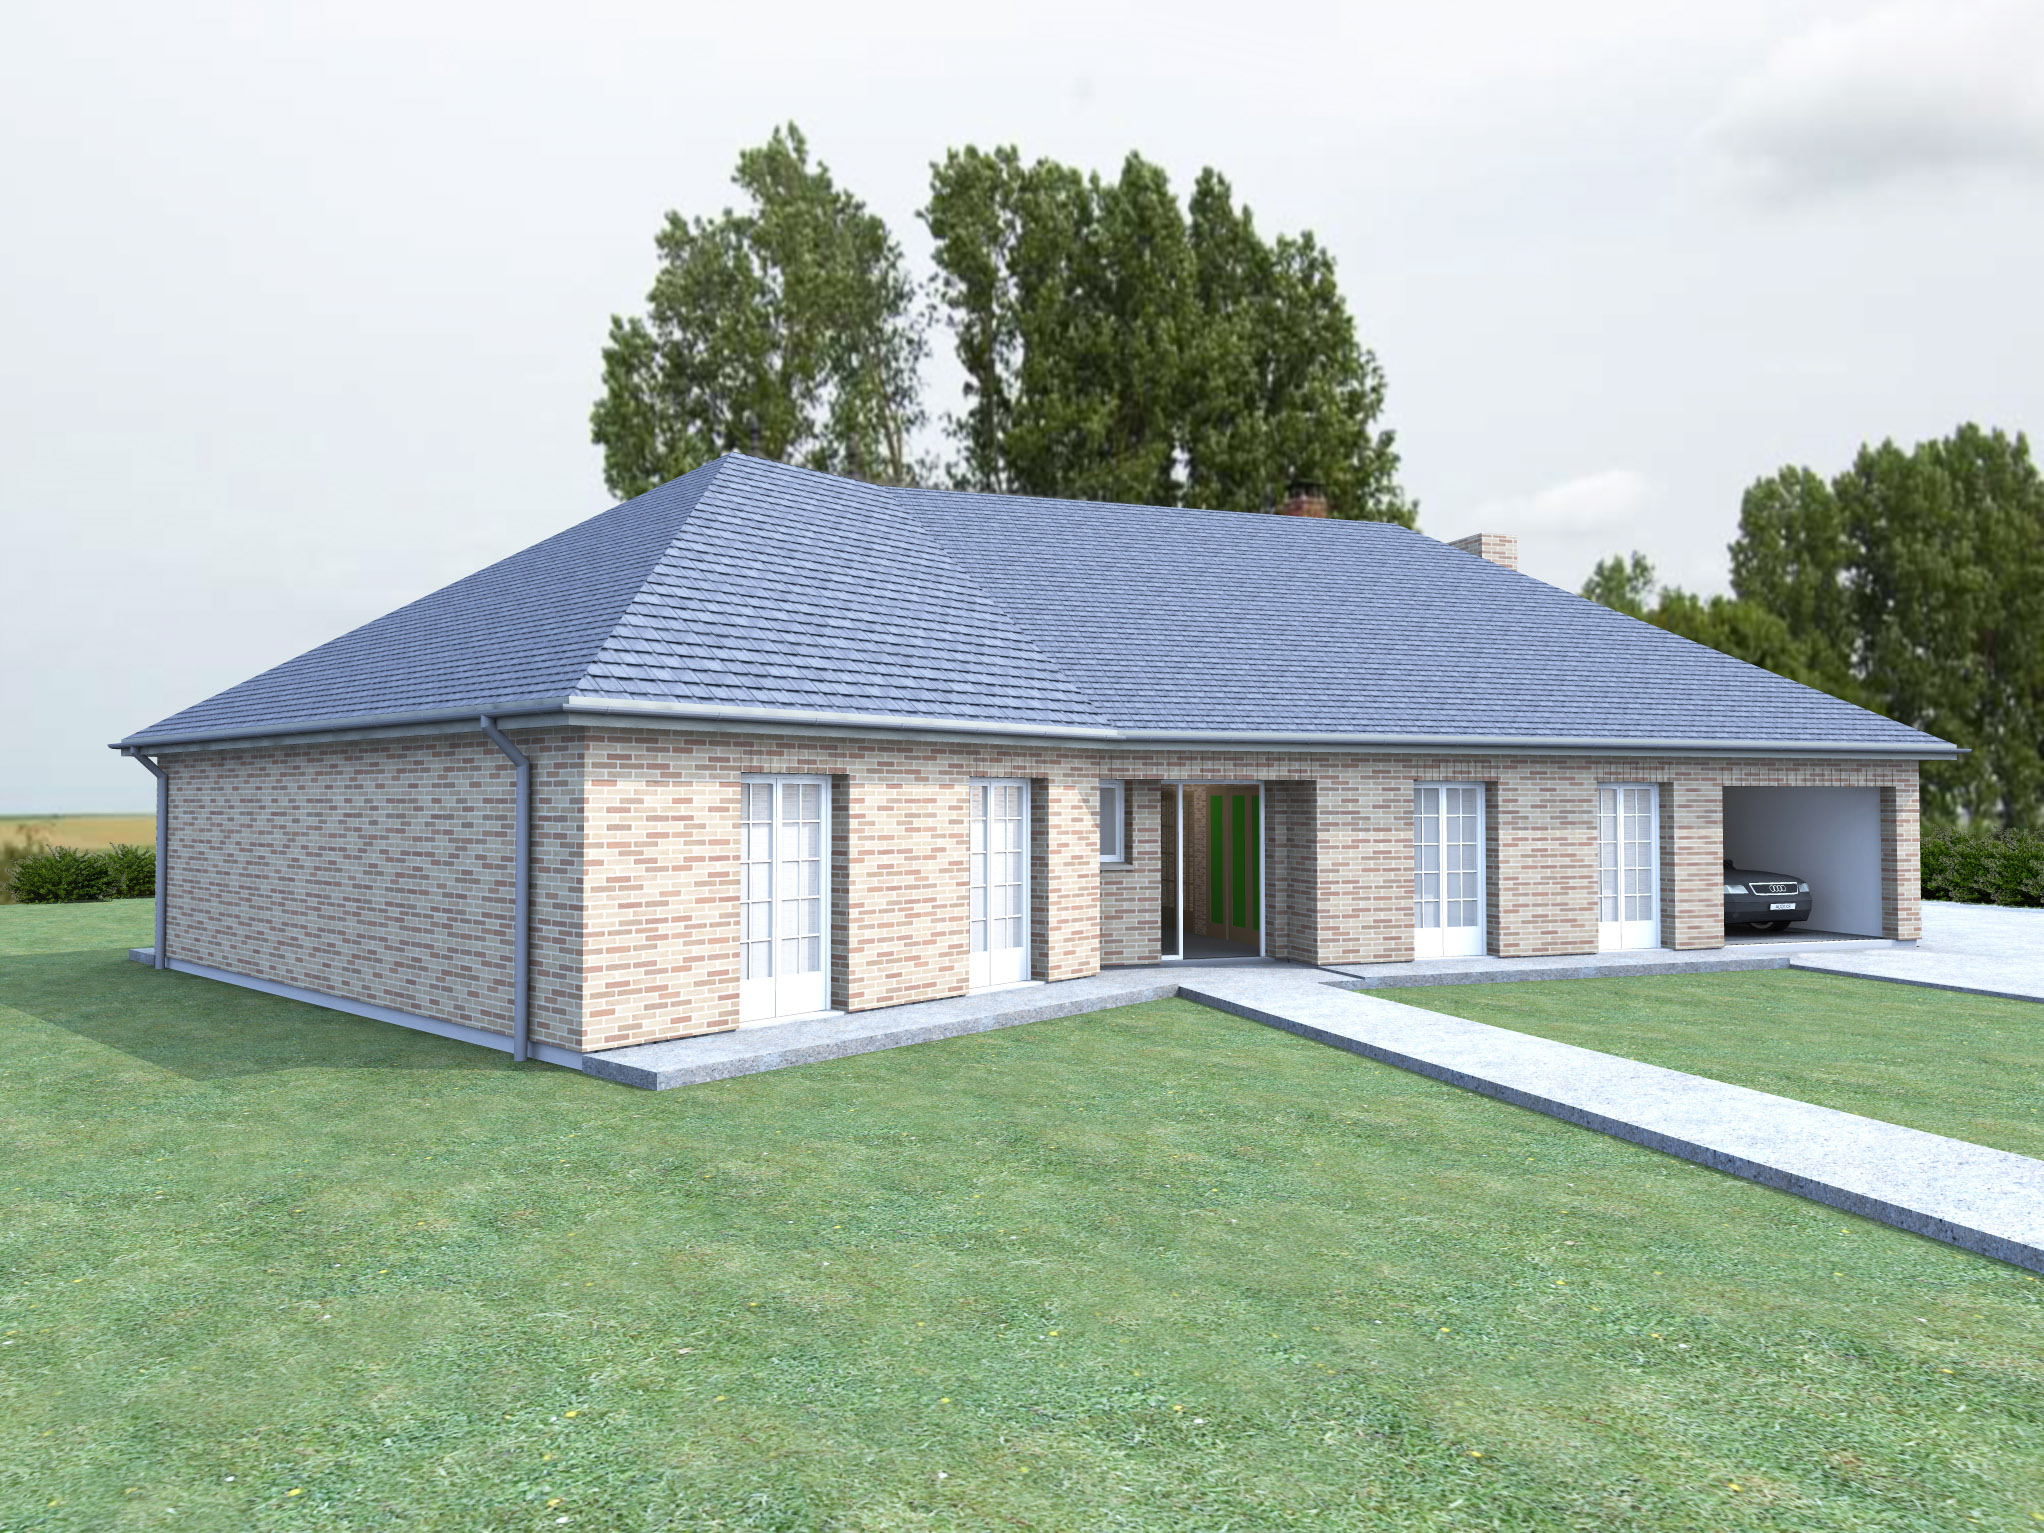 Couleur maison construction notre mod le violette - Modele de maison plain pied avec garage ...